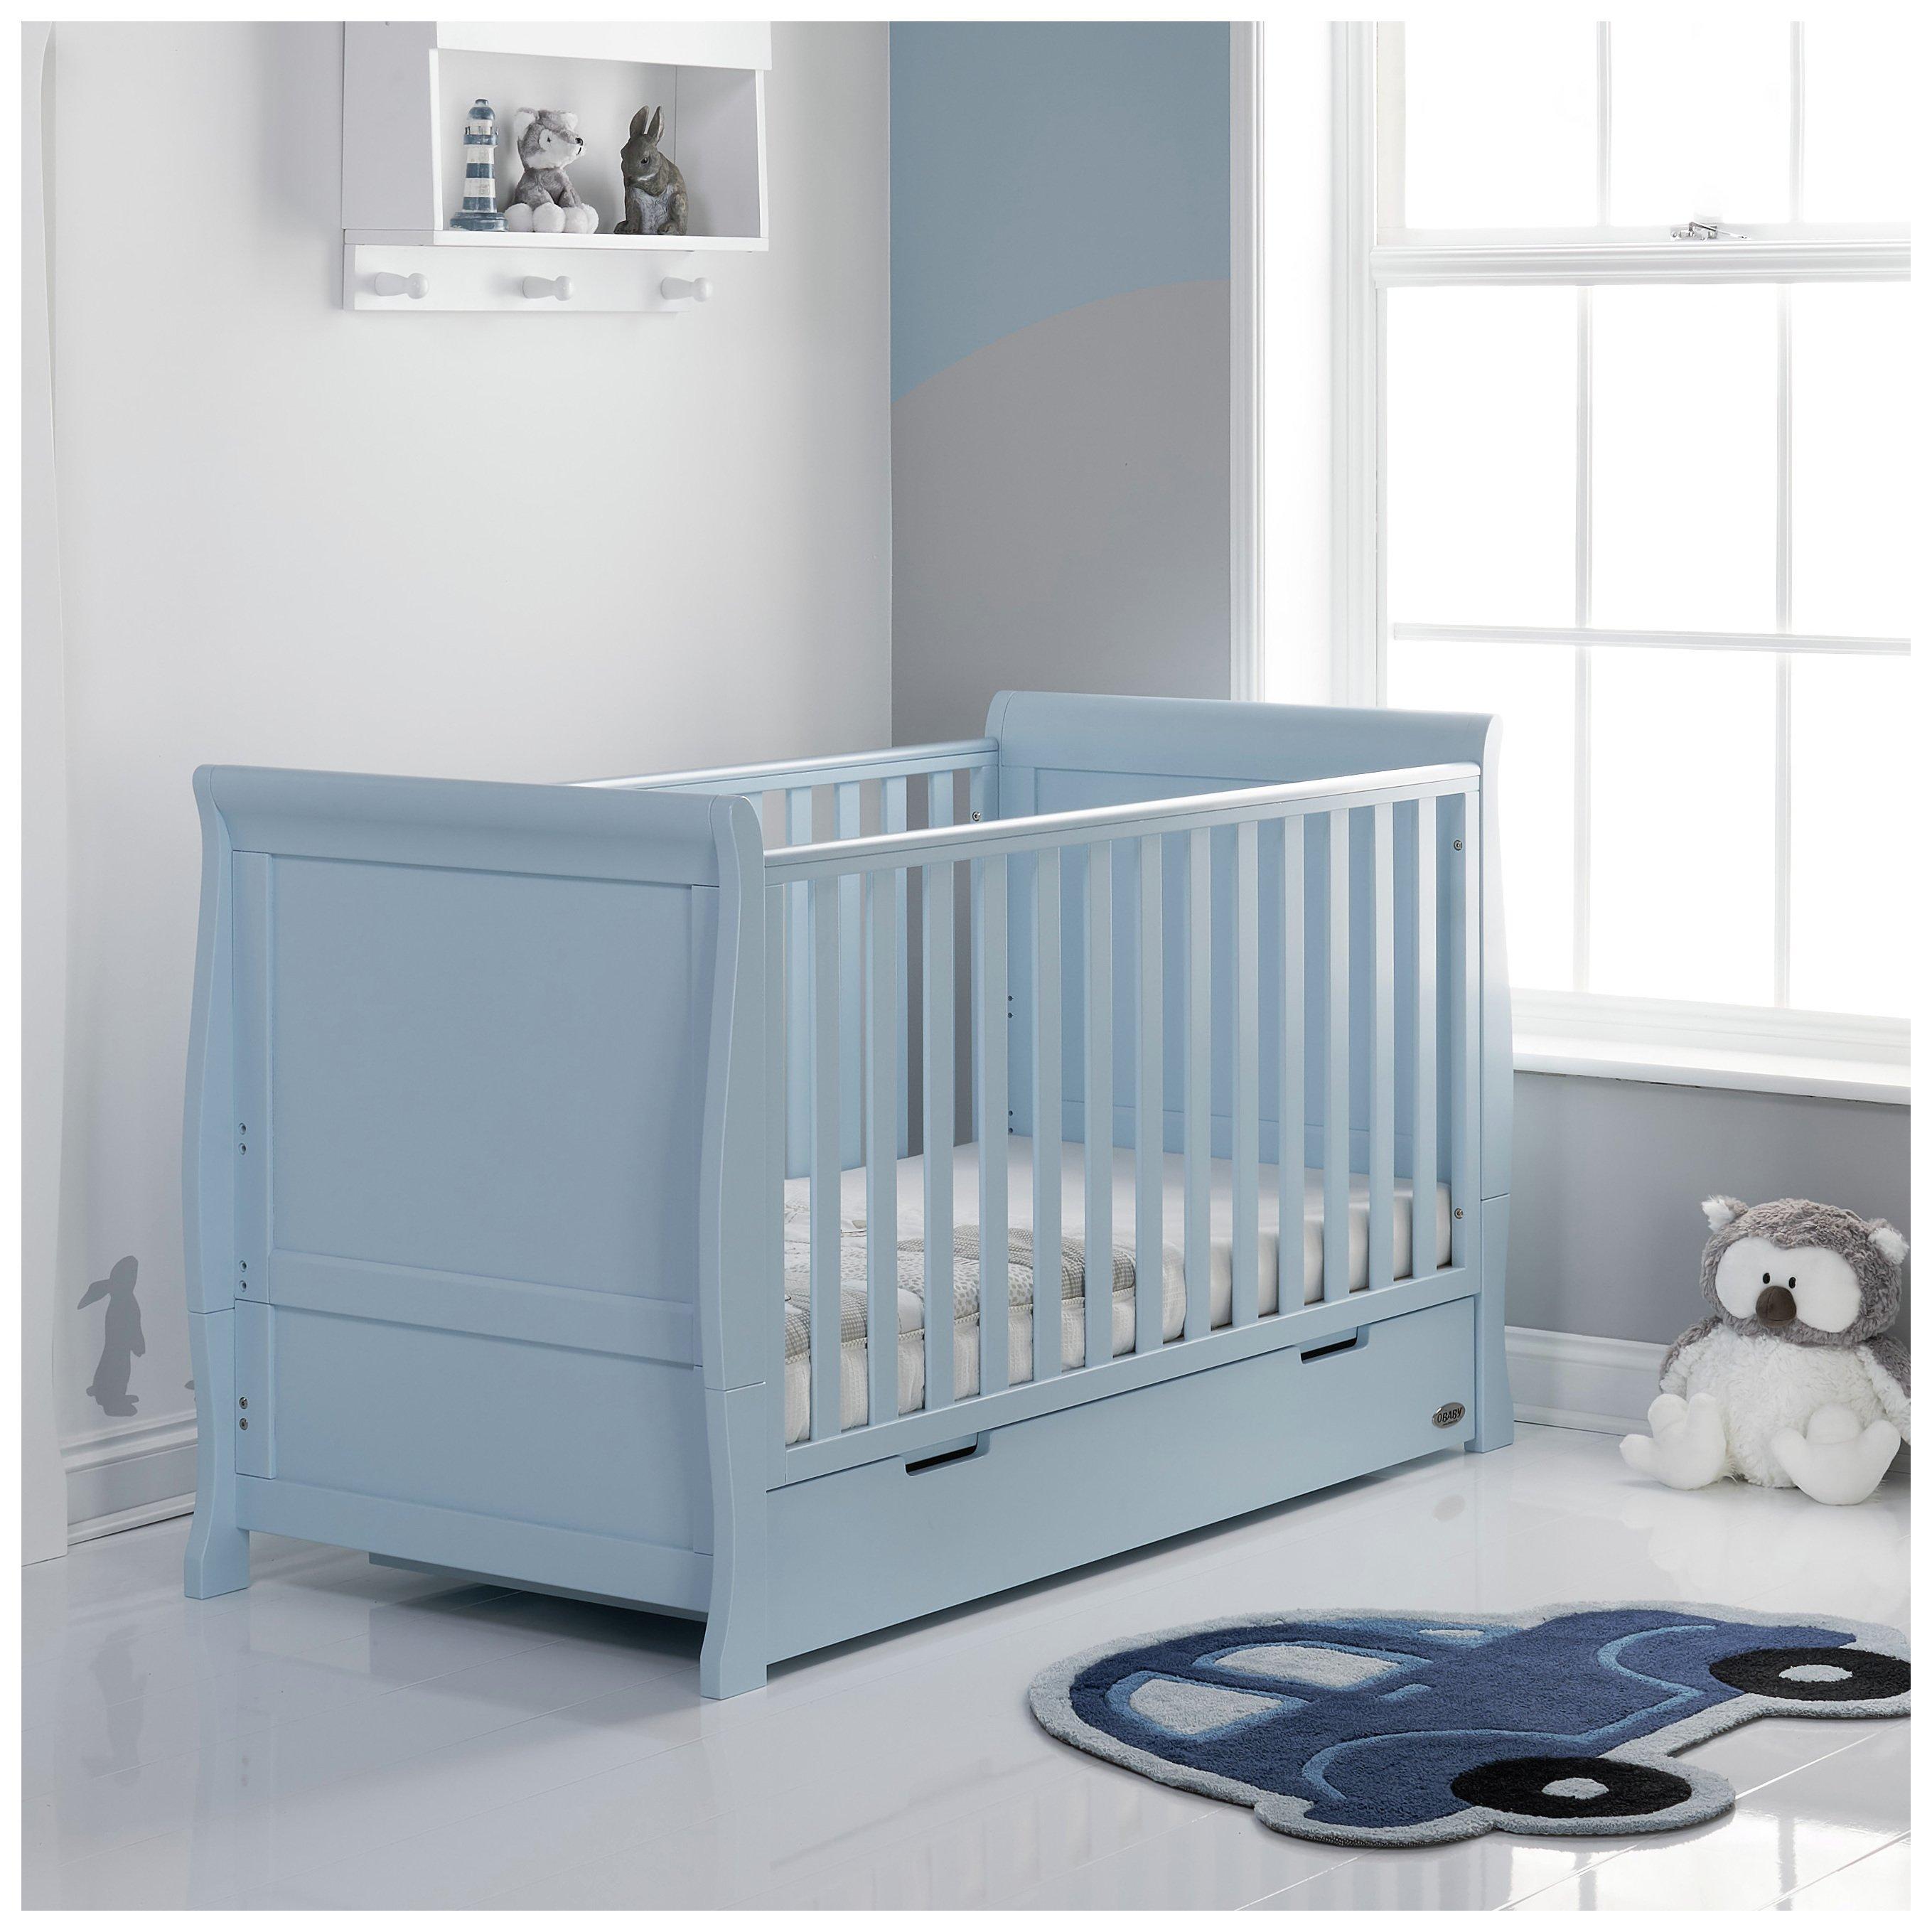 Obaby Stamford Sleigh Cot Bed - Bonbon Blue